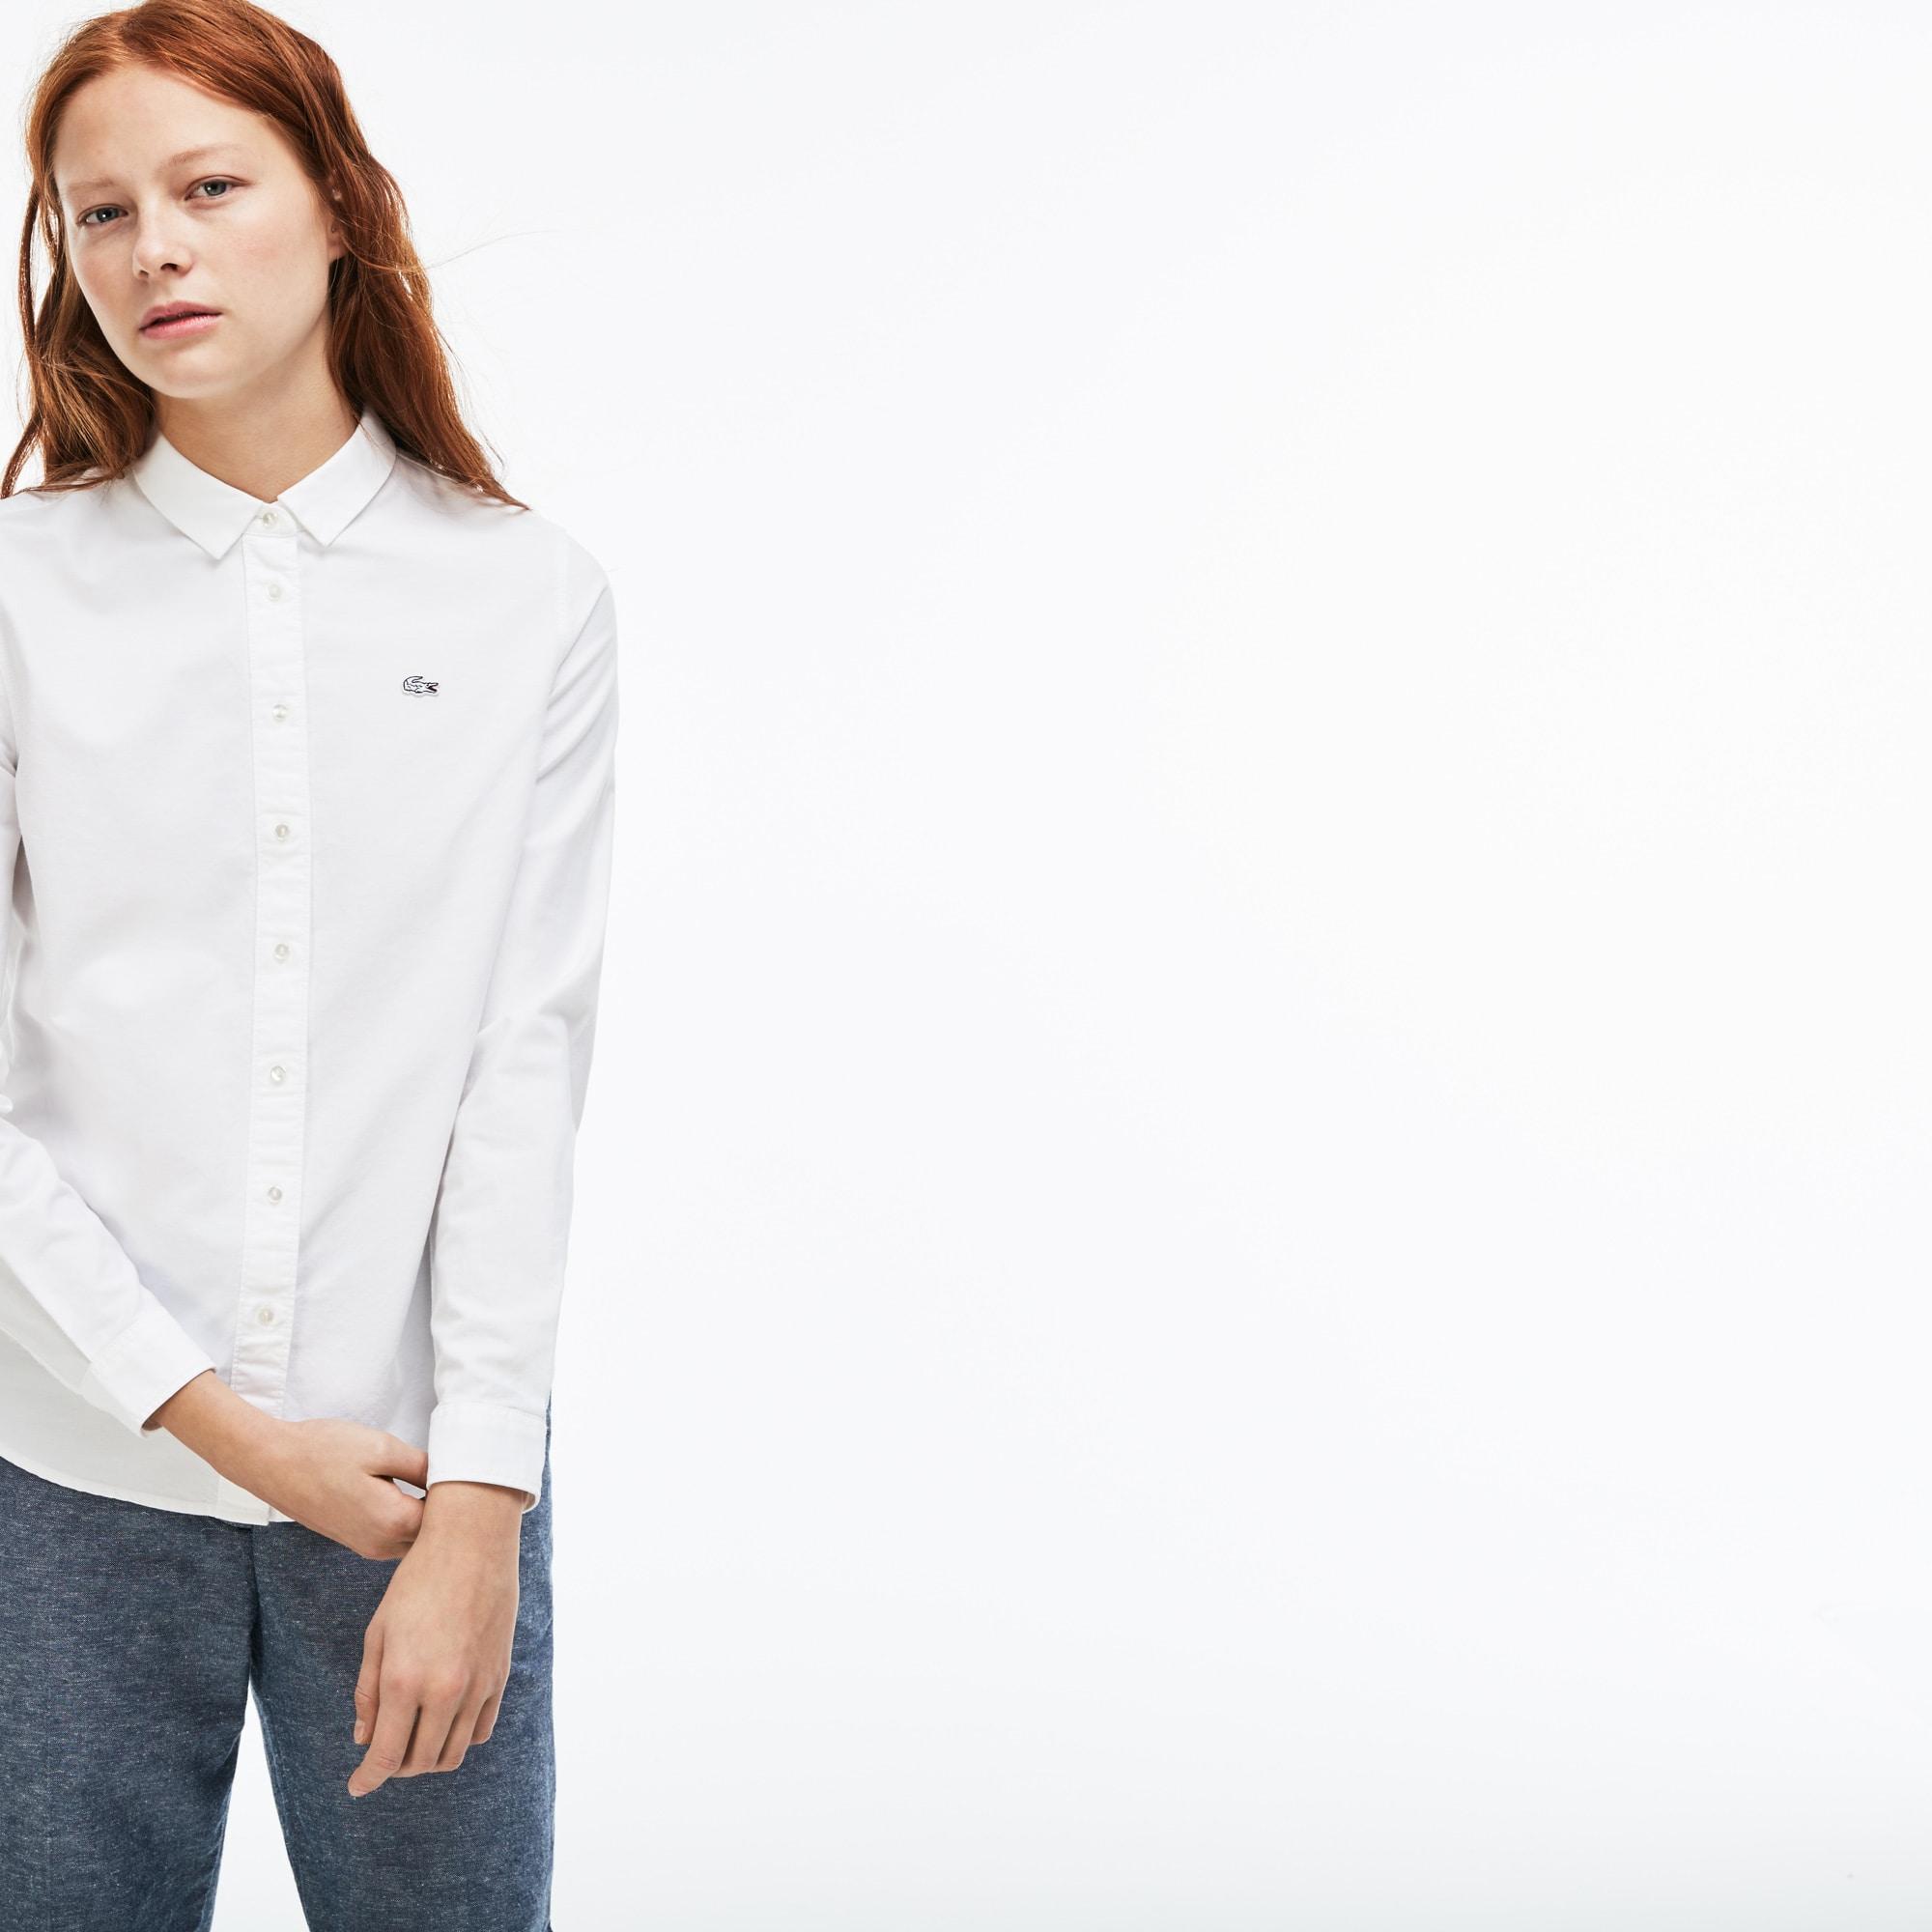 Camisa slim fit Lacoste LIVE em algodão Oxford unicolor